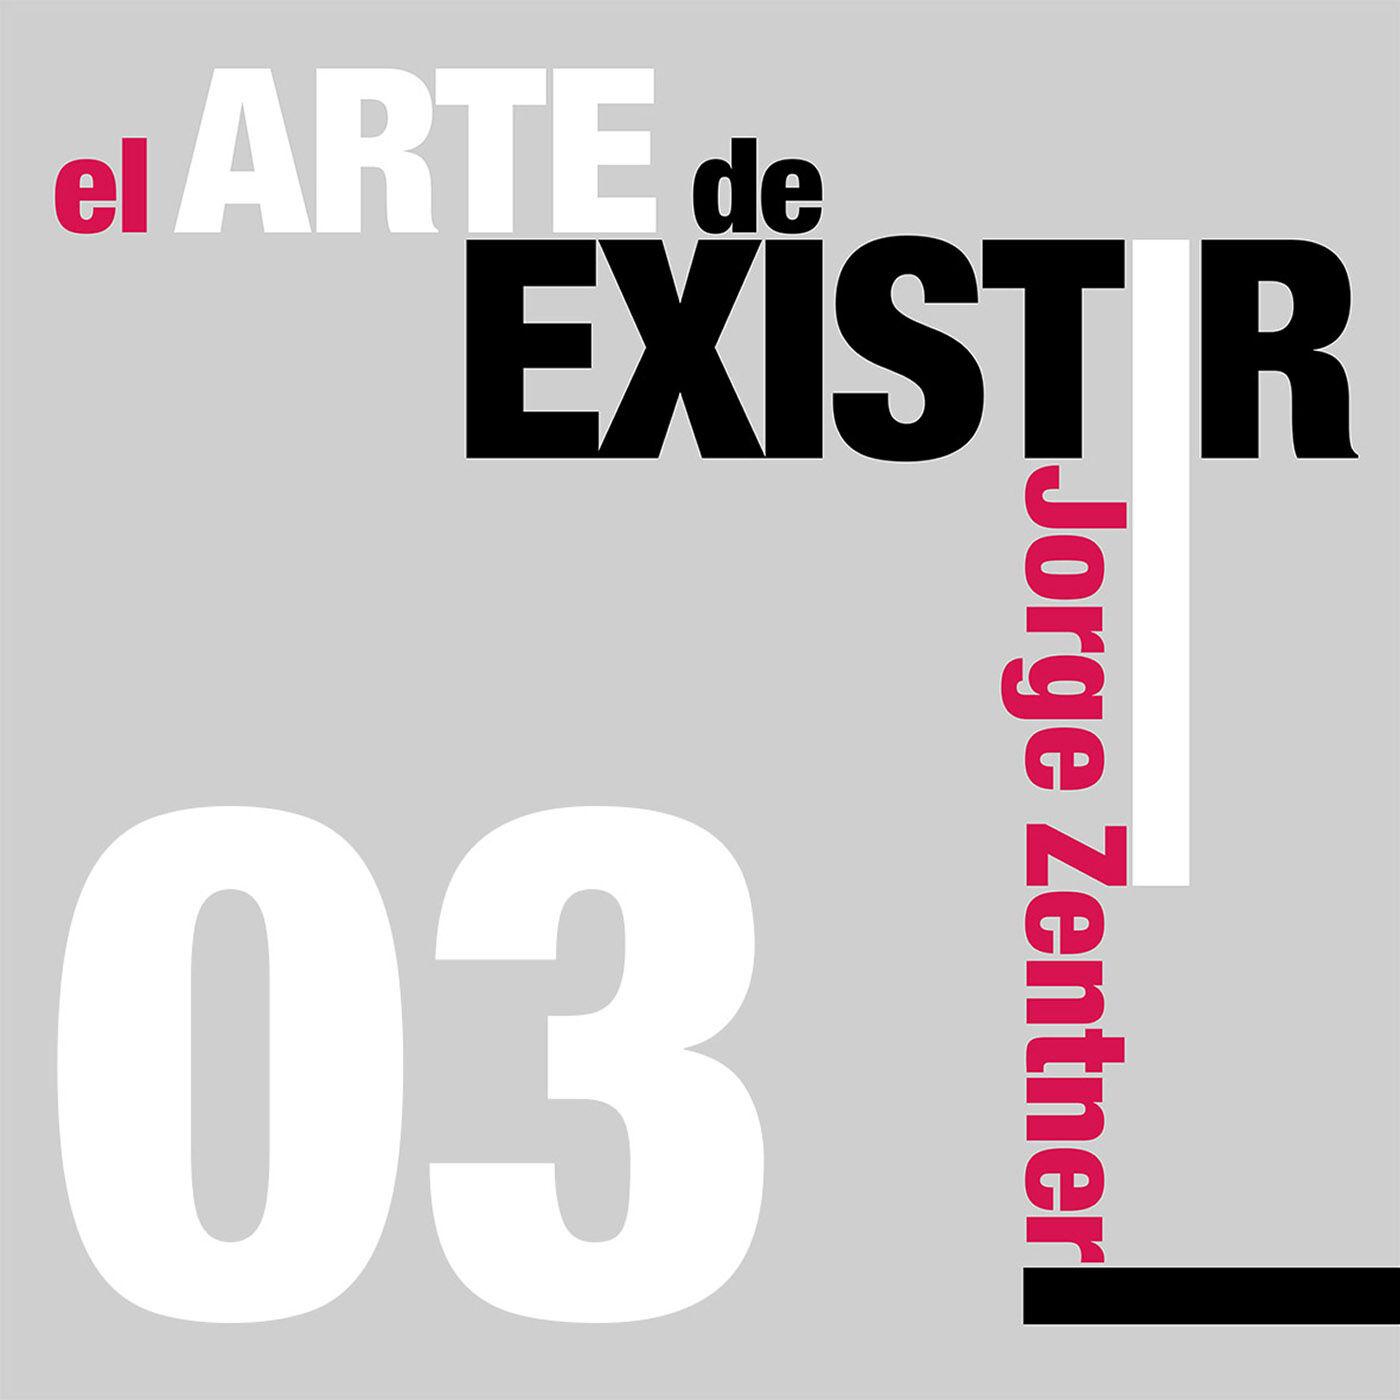 eAdE #03 - Vivir en el presente